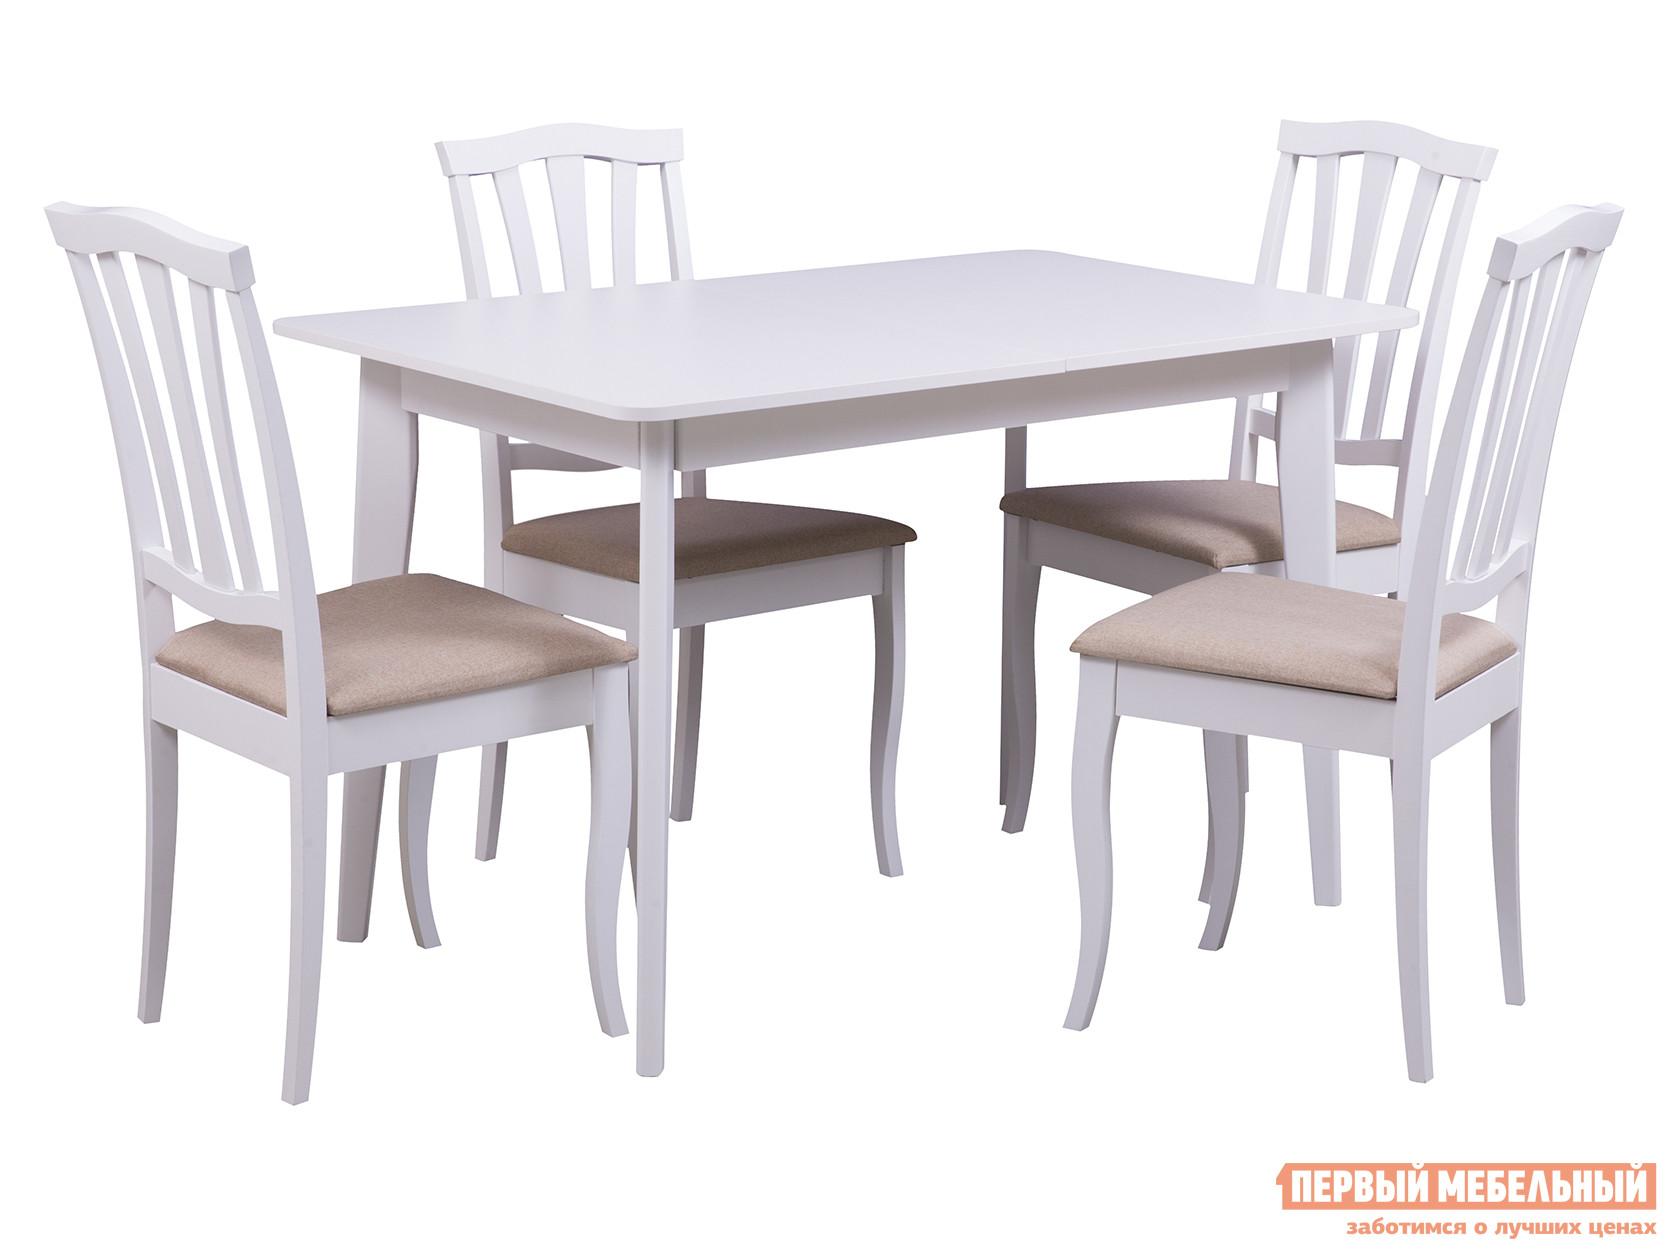 Обеденная группа для столовой и гостиной Mebwill Стол Йорк + 4 стула Сити джинсы tom tailor denim 6255002 09 12 1054